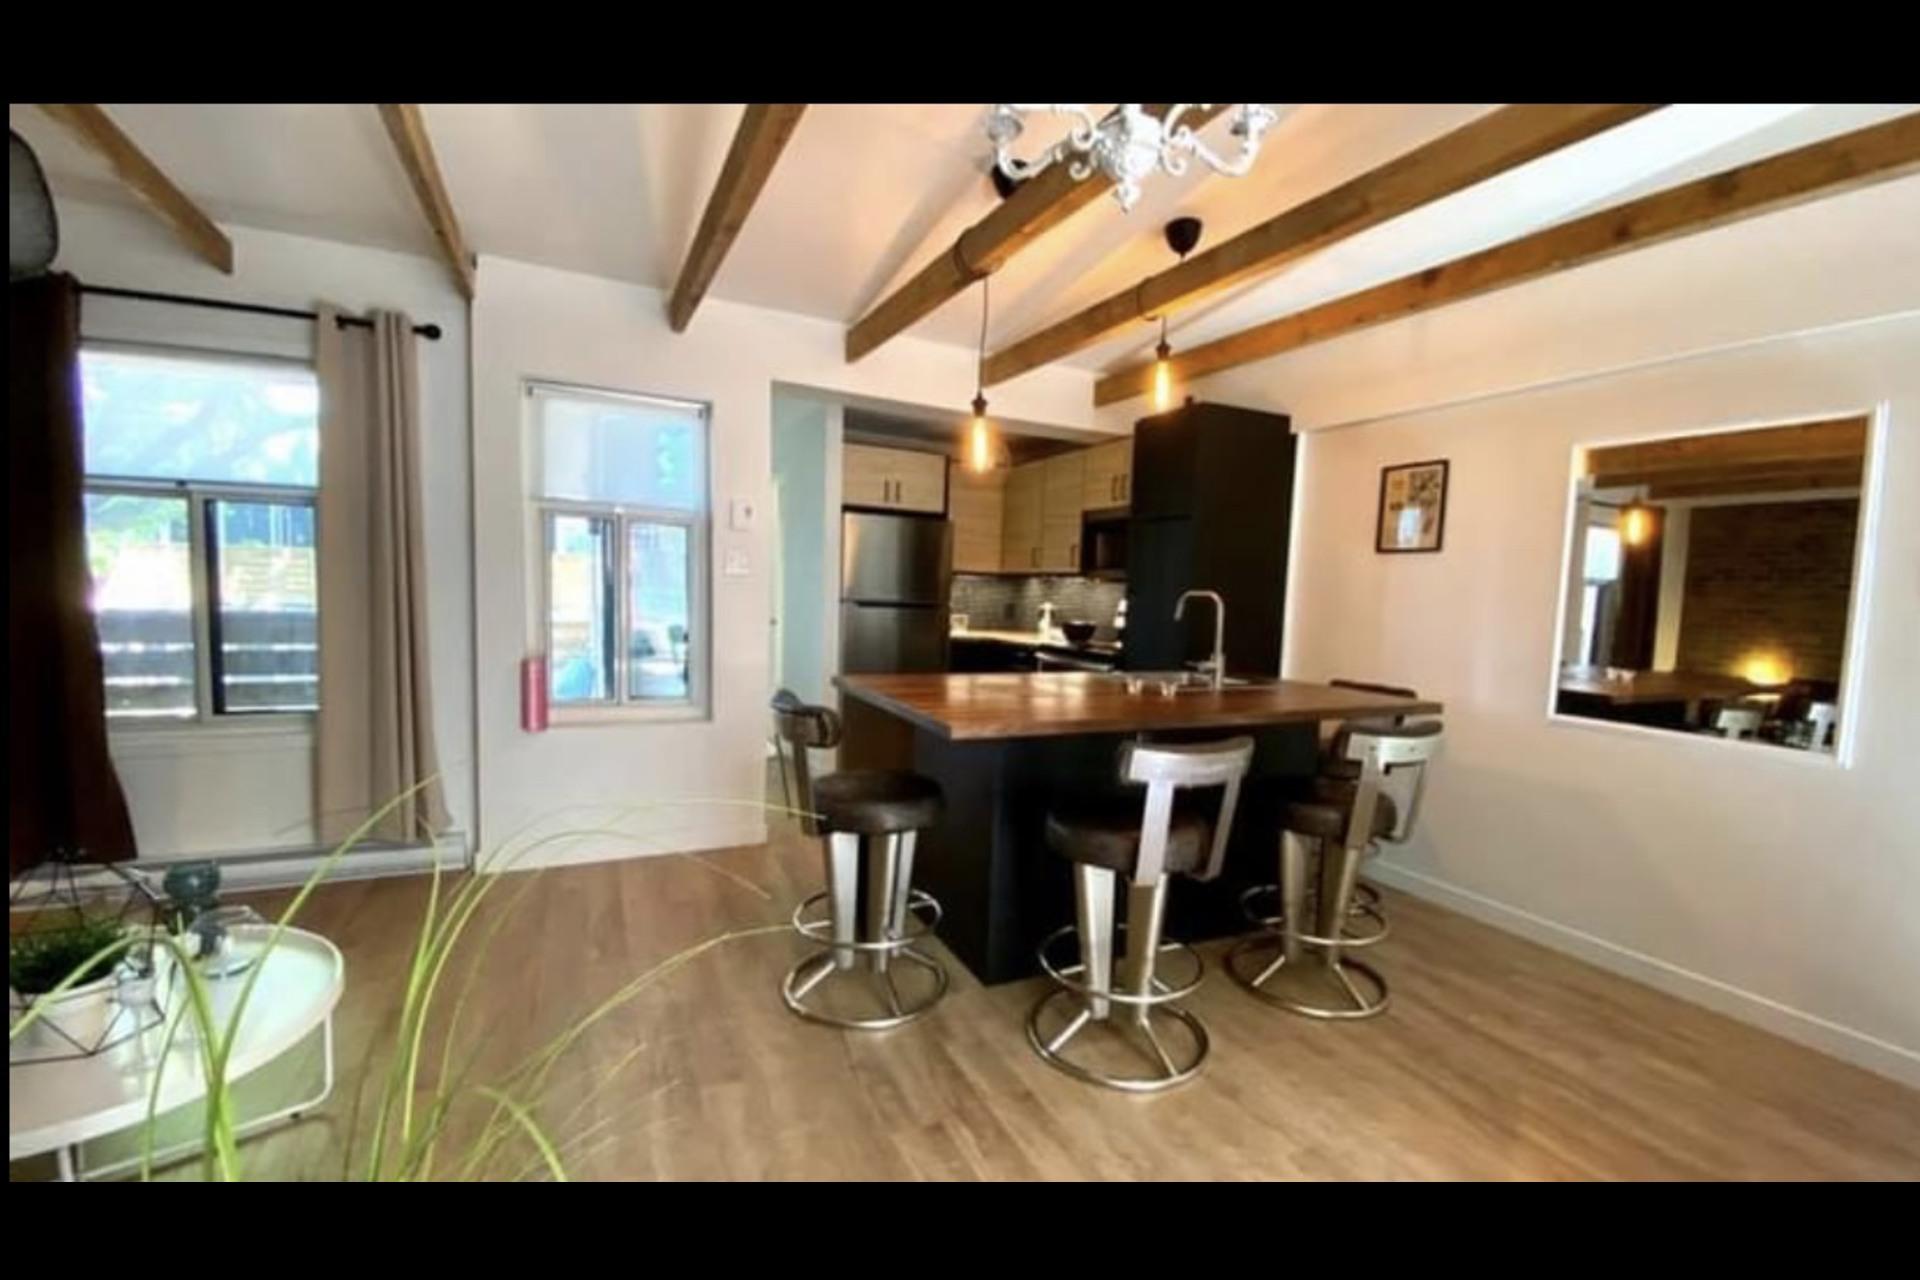 image 5 - Apartment For rent Montréal - 4 rooms